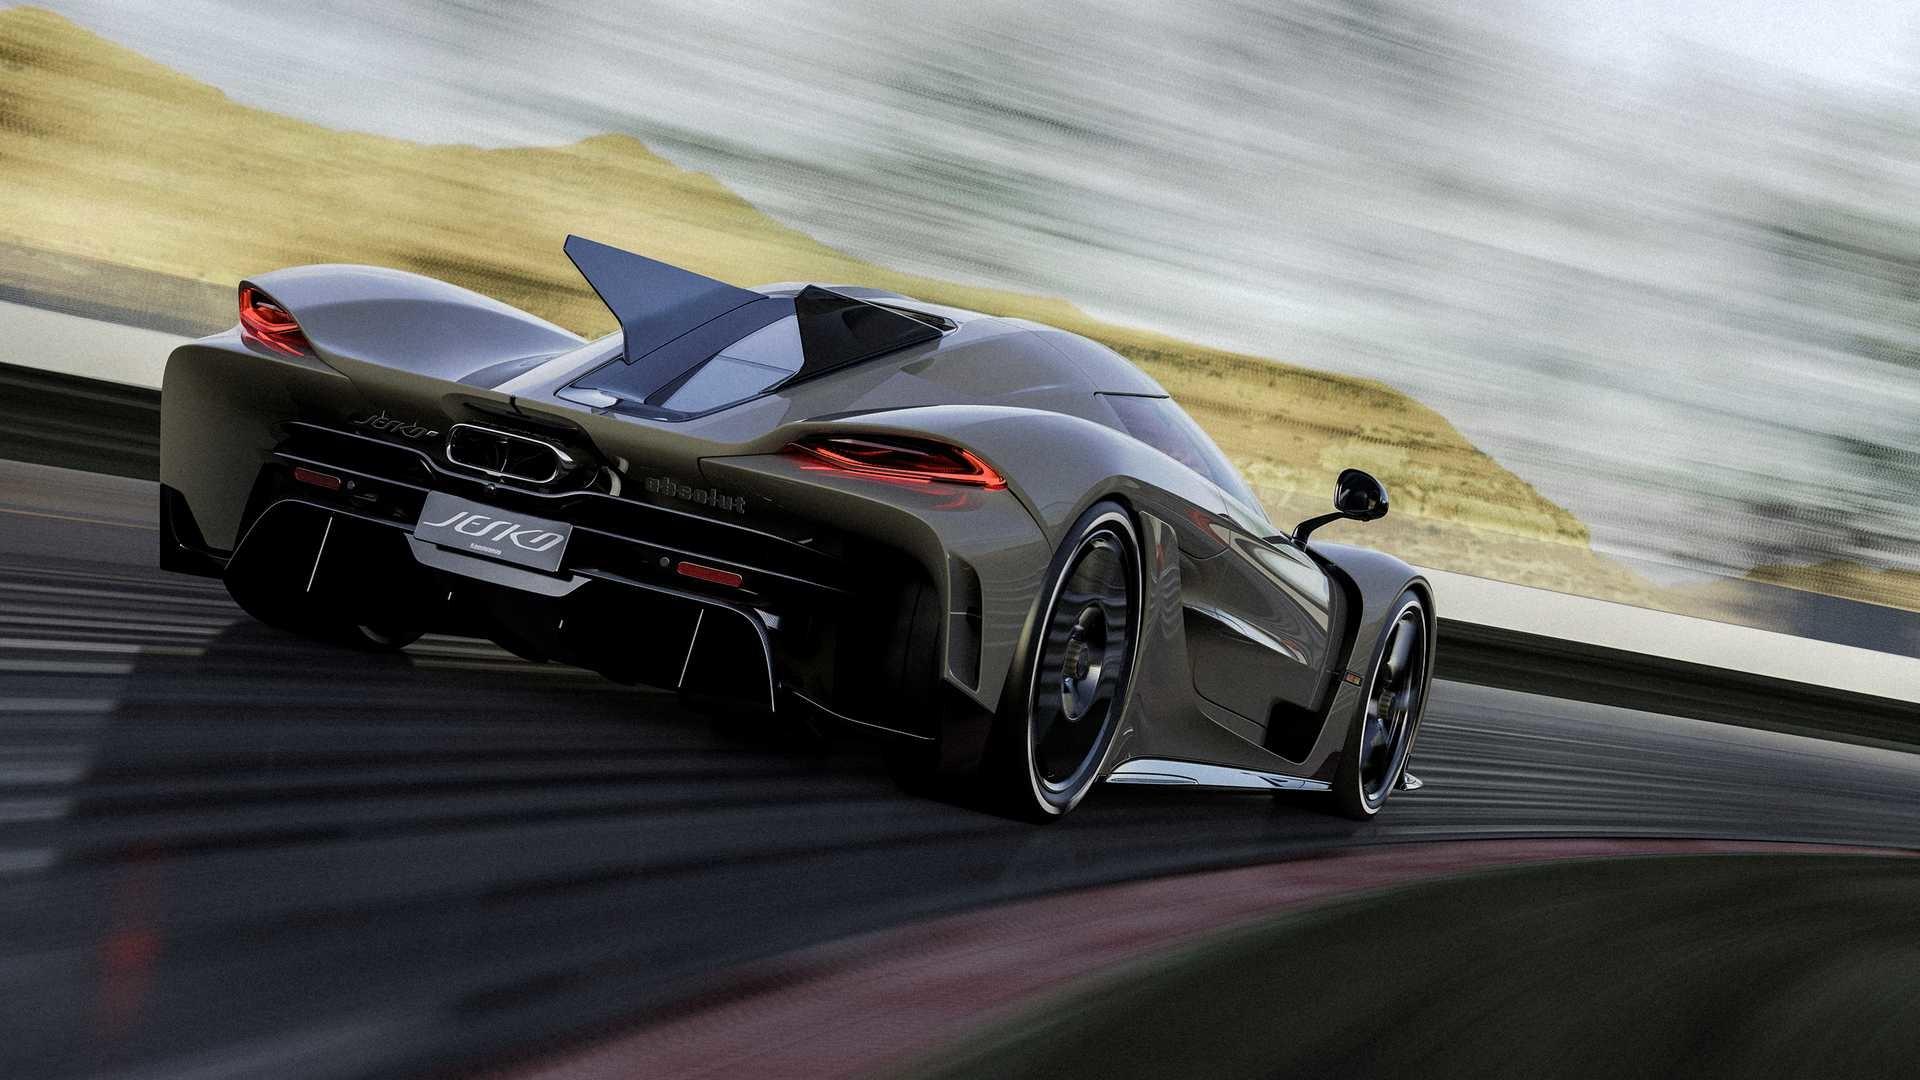 Koenigsegg Jesko Absolut. Världens snabbaste bil. Här hittar du exklusiva bilar och supersportbilar.